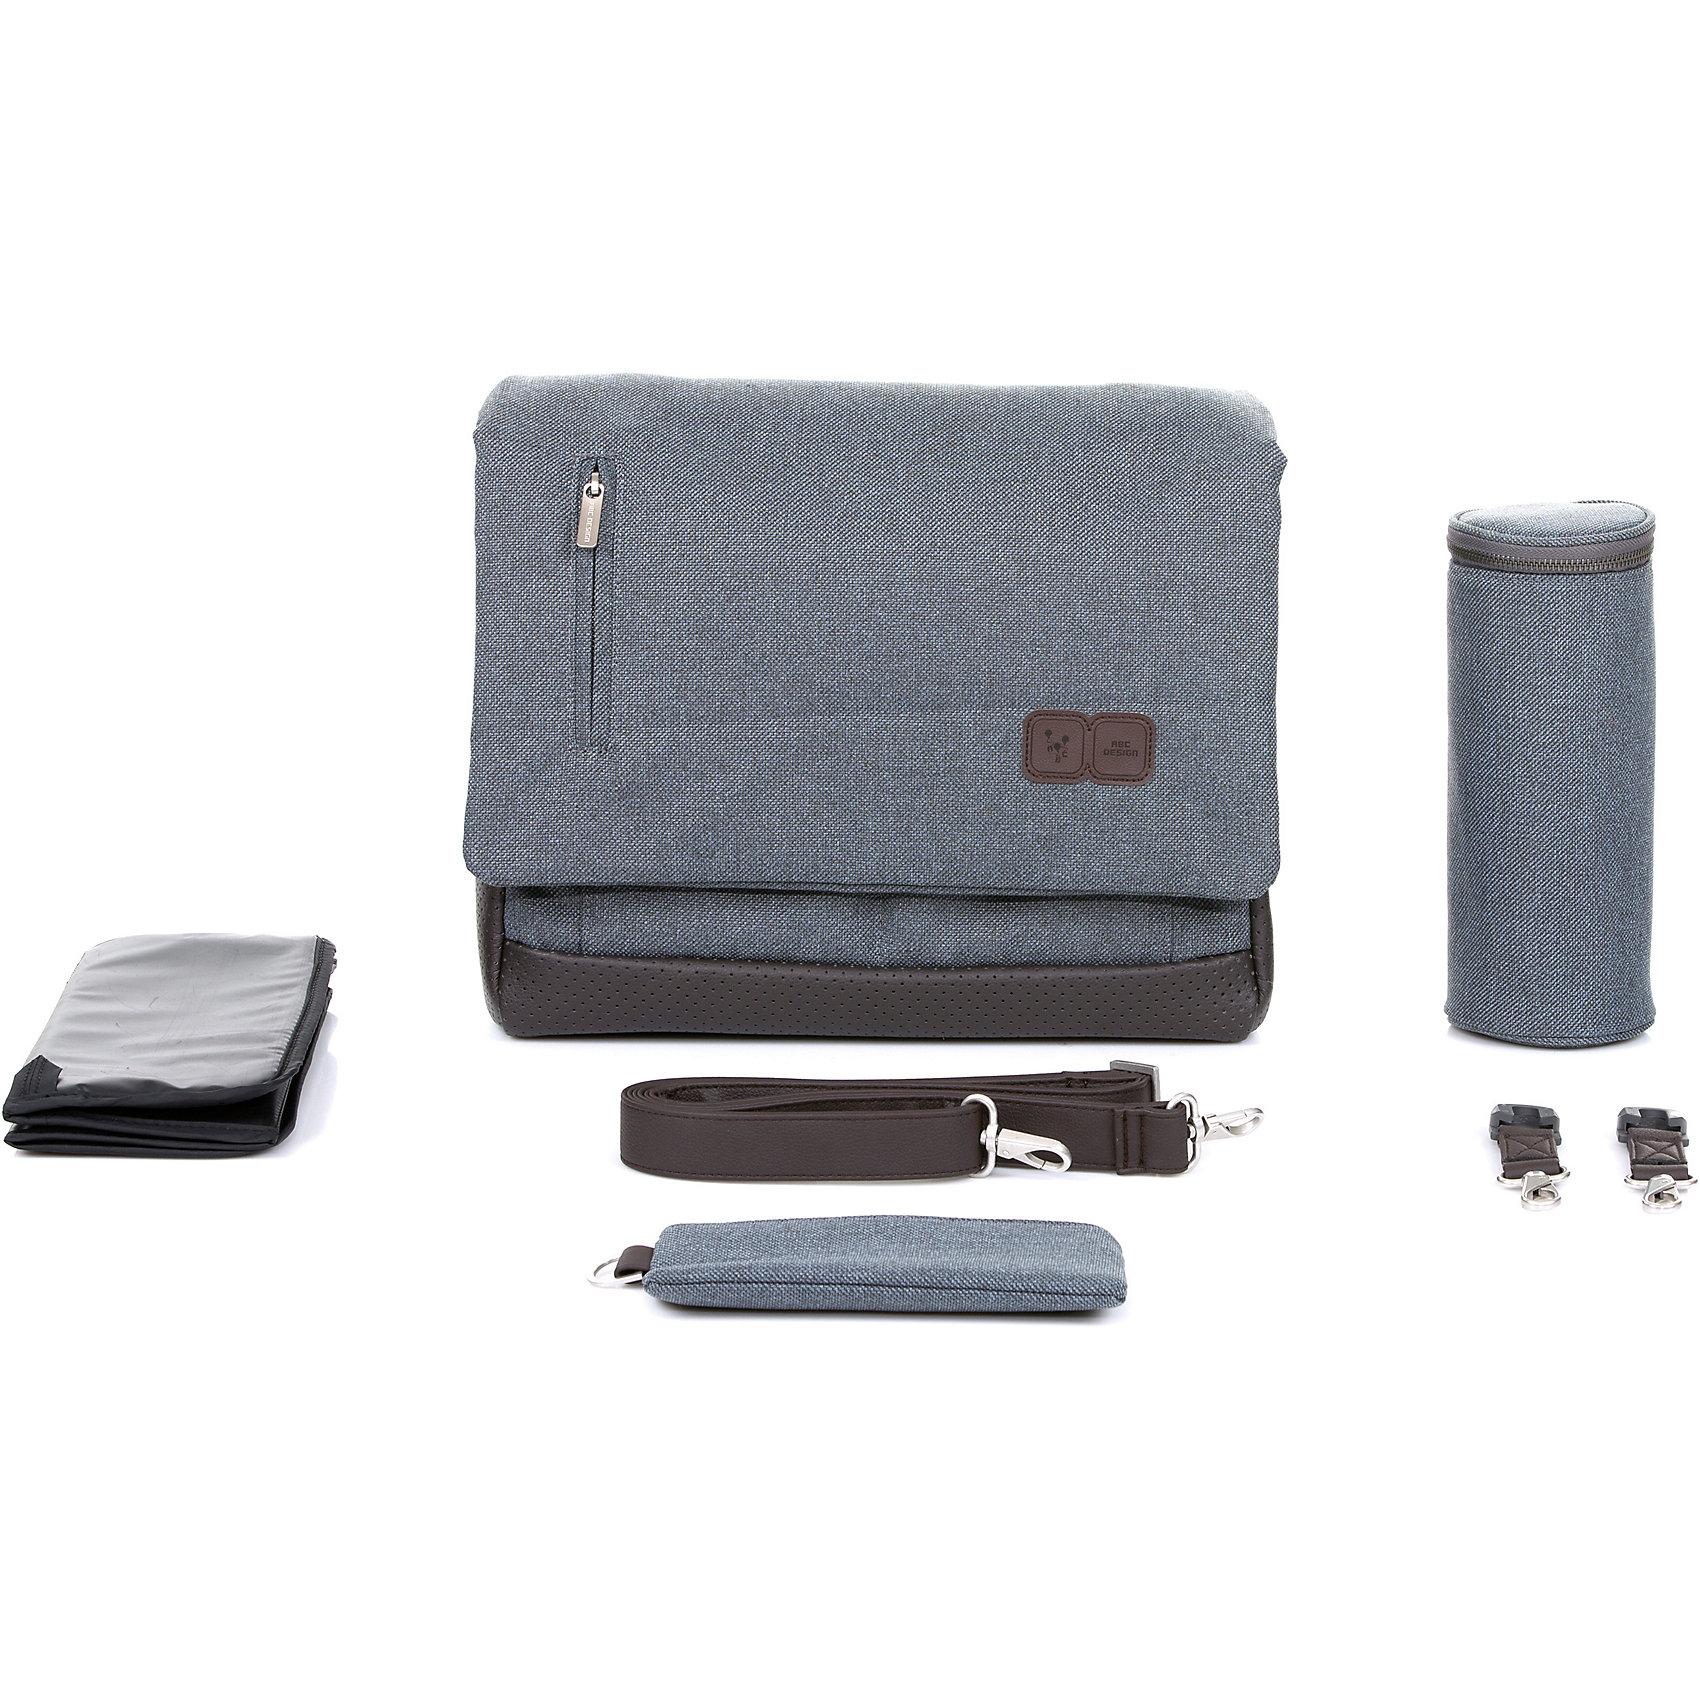 graphite grey 7013038 rosa blau Neu ABC Design Wickeltasche Urban